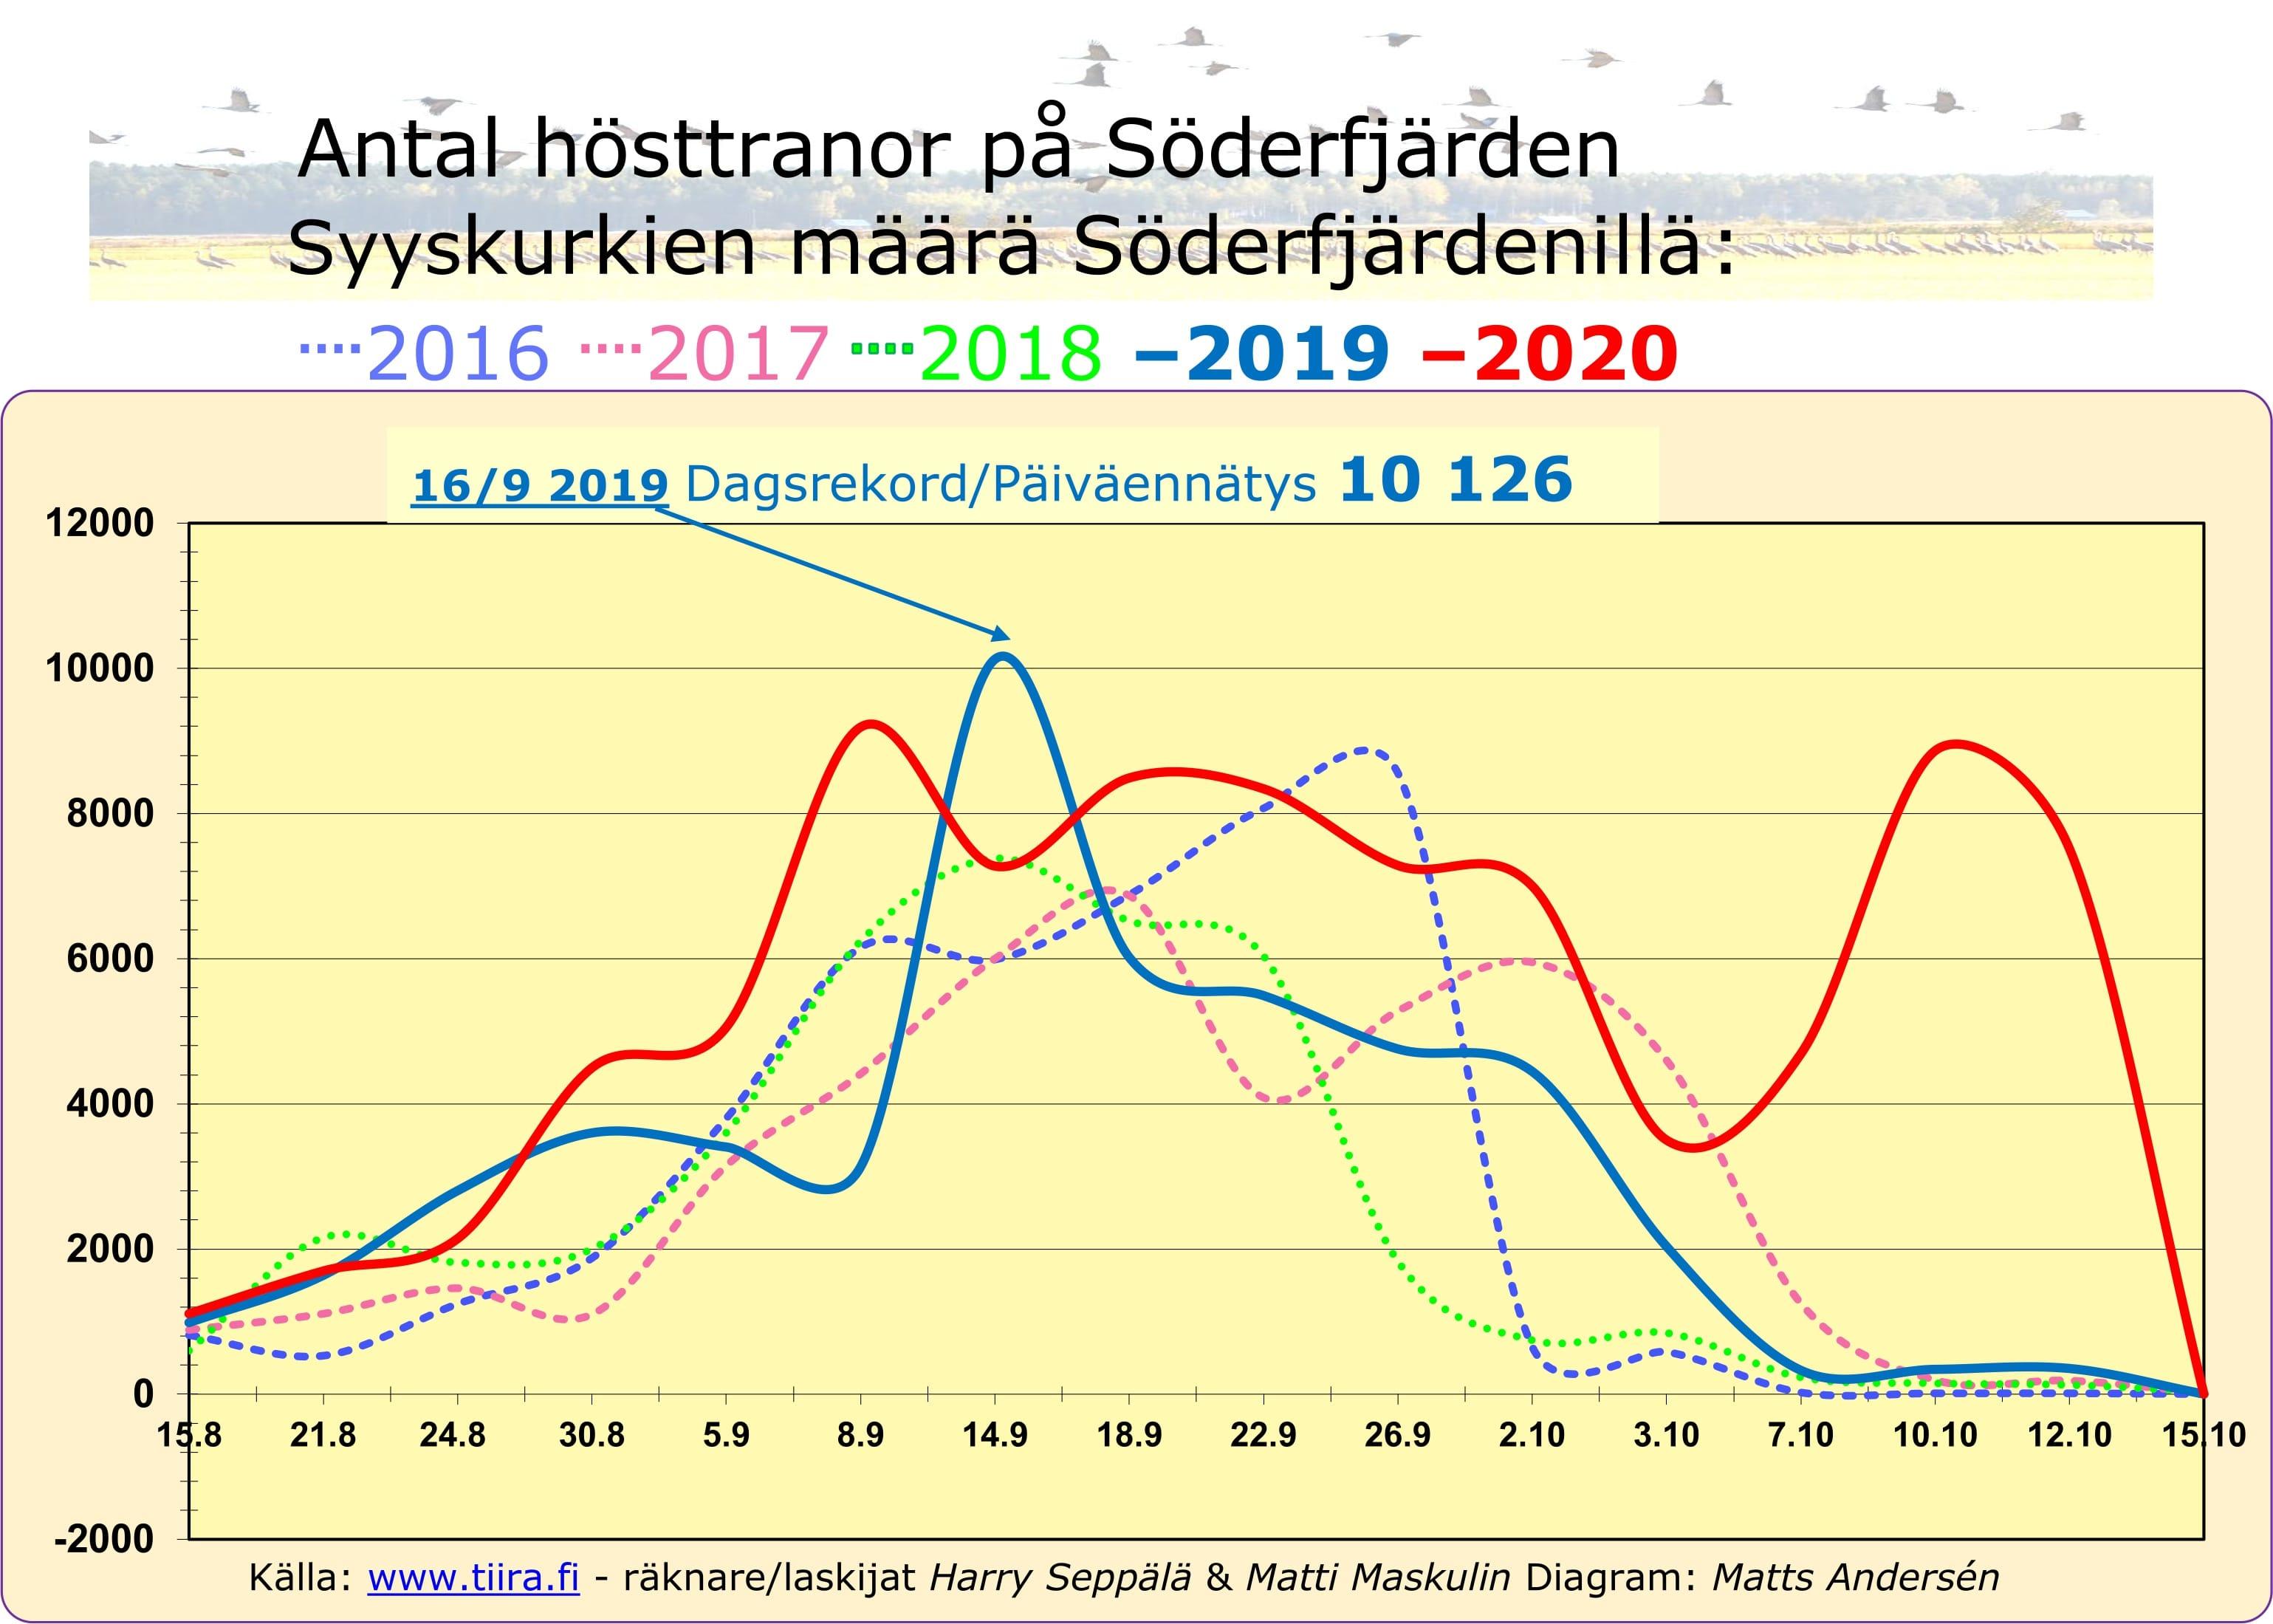 TrandiagramL SFJ 2016-2020.jpg